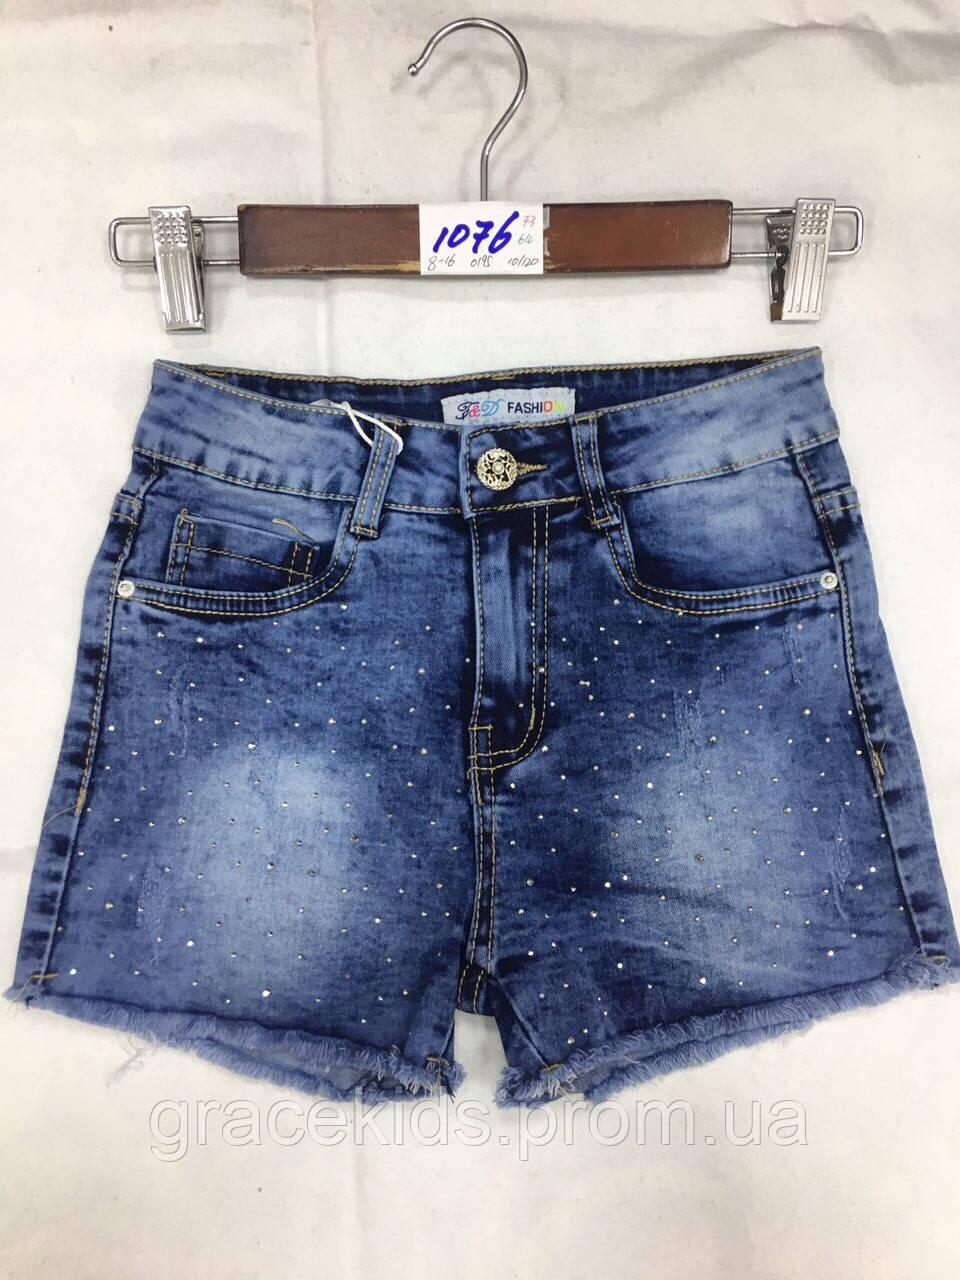 Джинсовые шорты для девочек подростковые FD Kids,разм 8-16